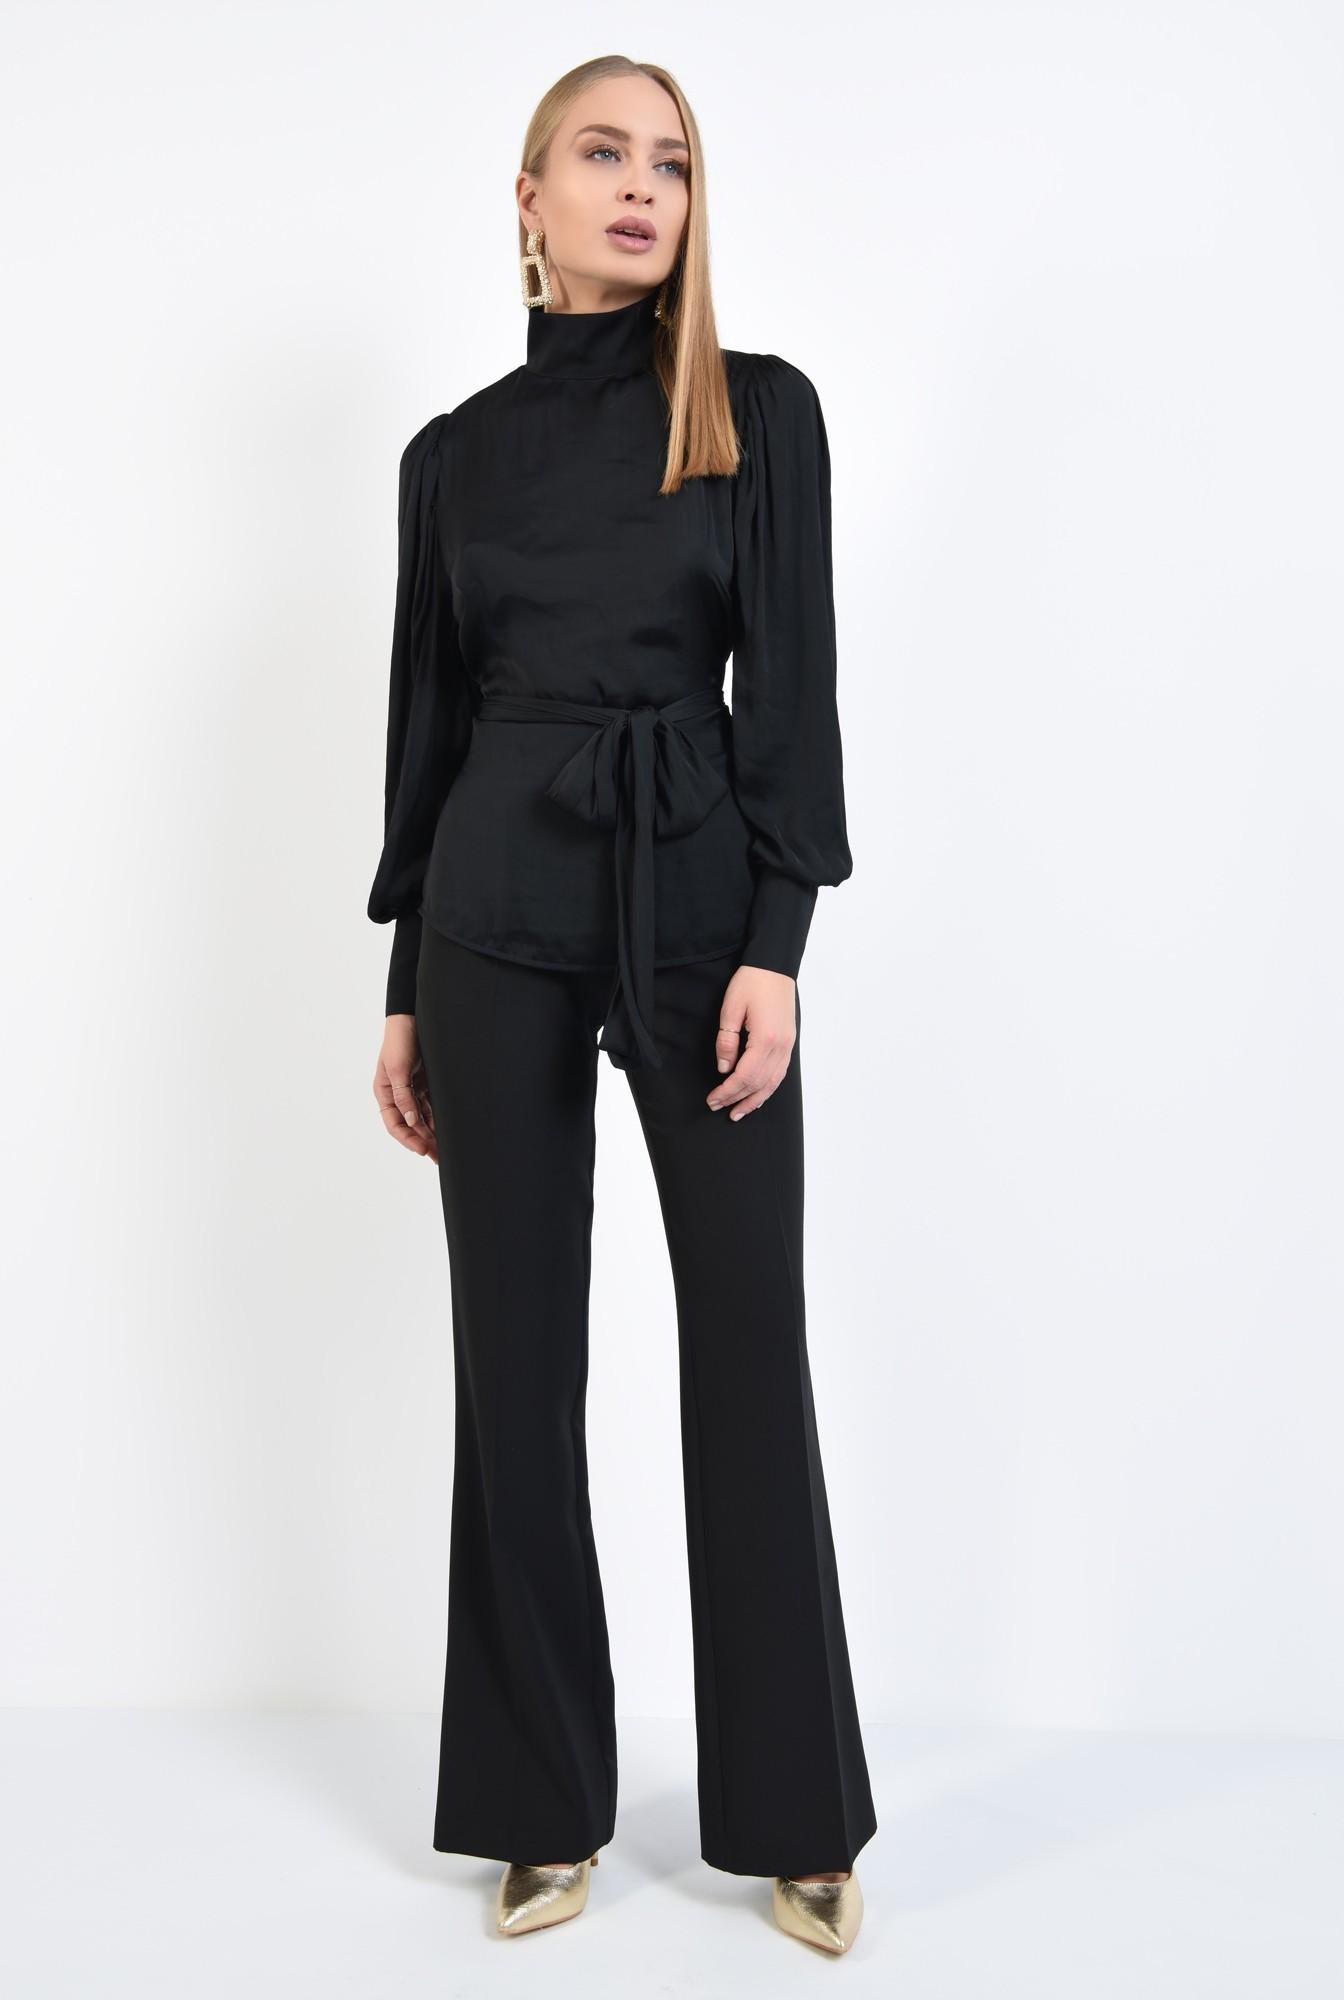 3 - bluza de ocazie, neagra, cu spate decoltat in V, funda in fata sau in spate